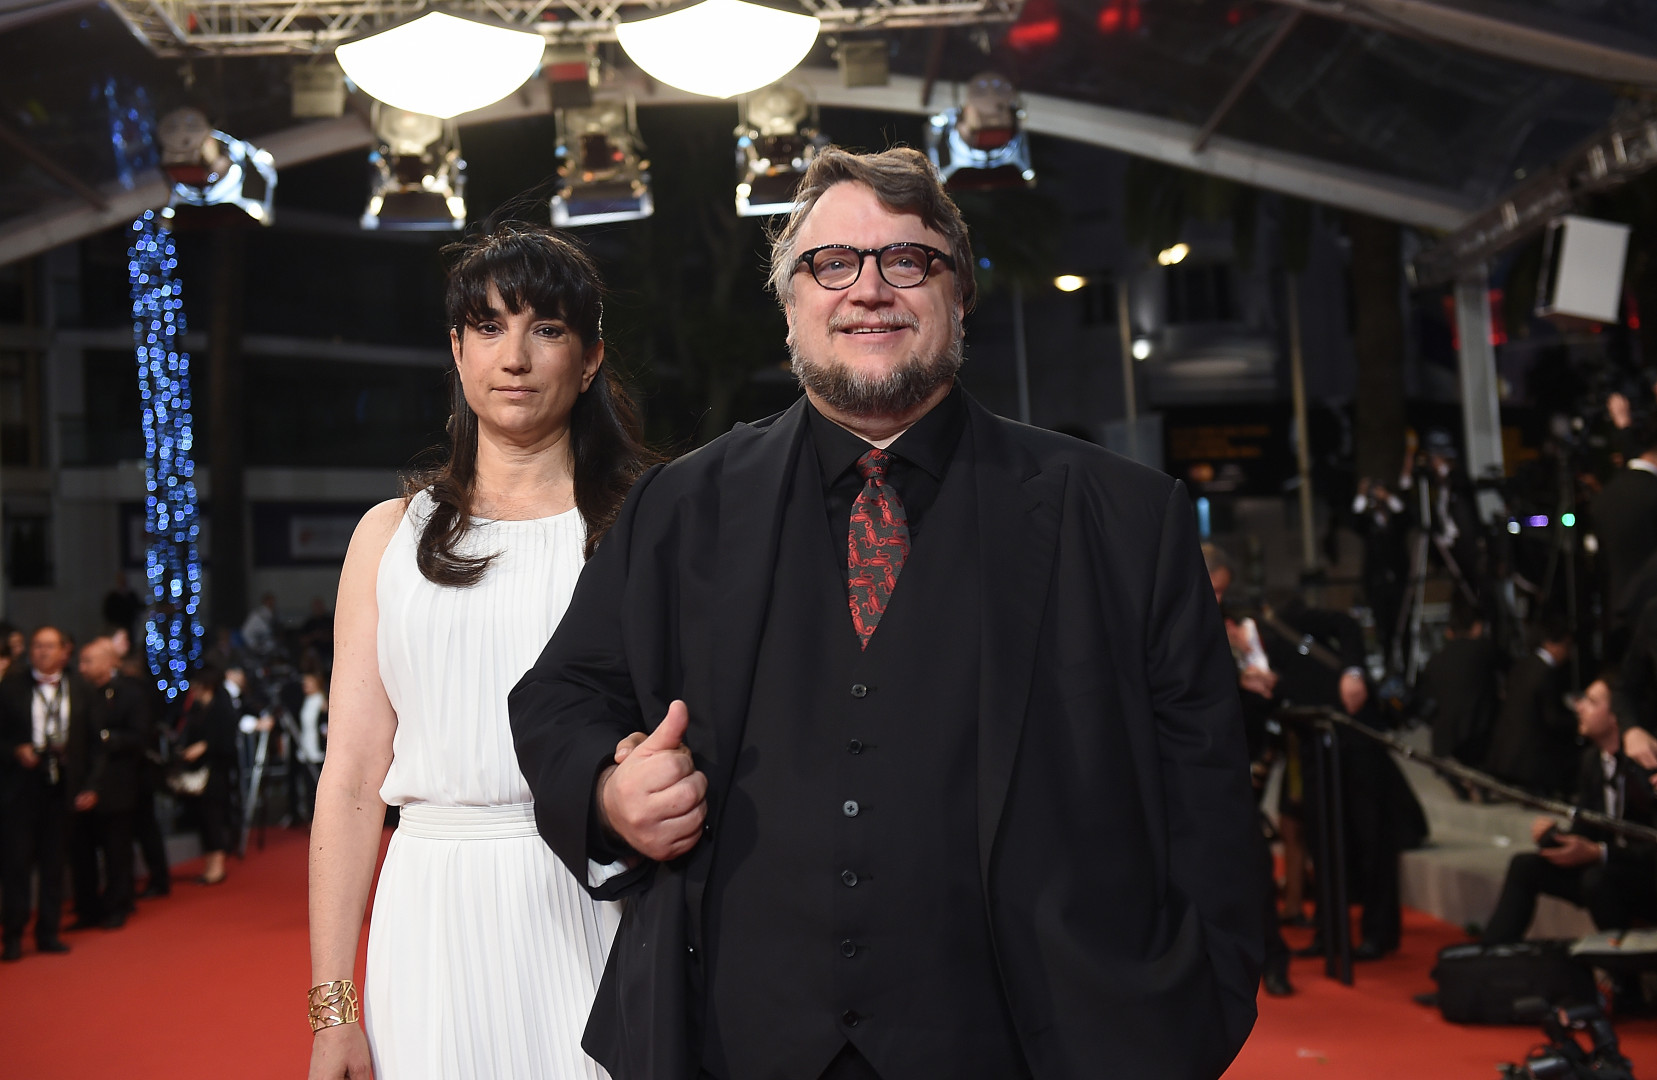 Guillermo del Toro, memebre du jury, et sa femme devant les photographes de cannes le 20 mai 2015